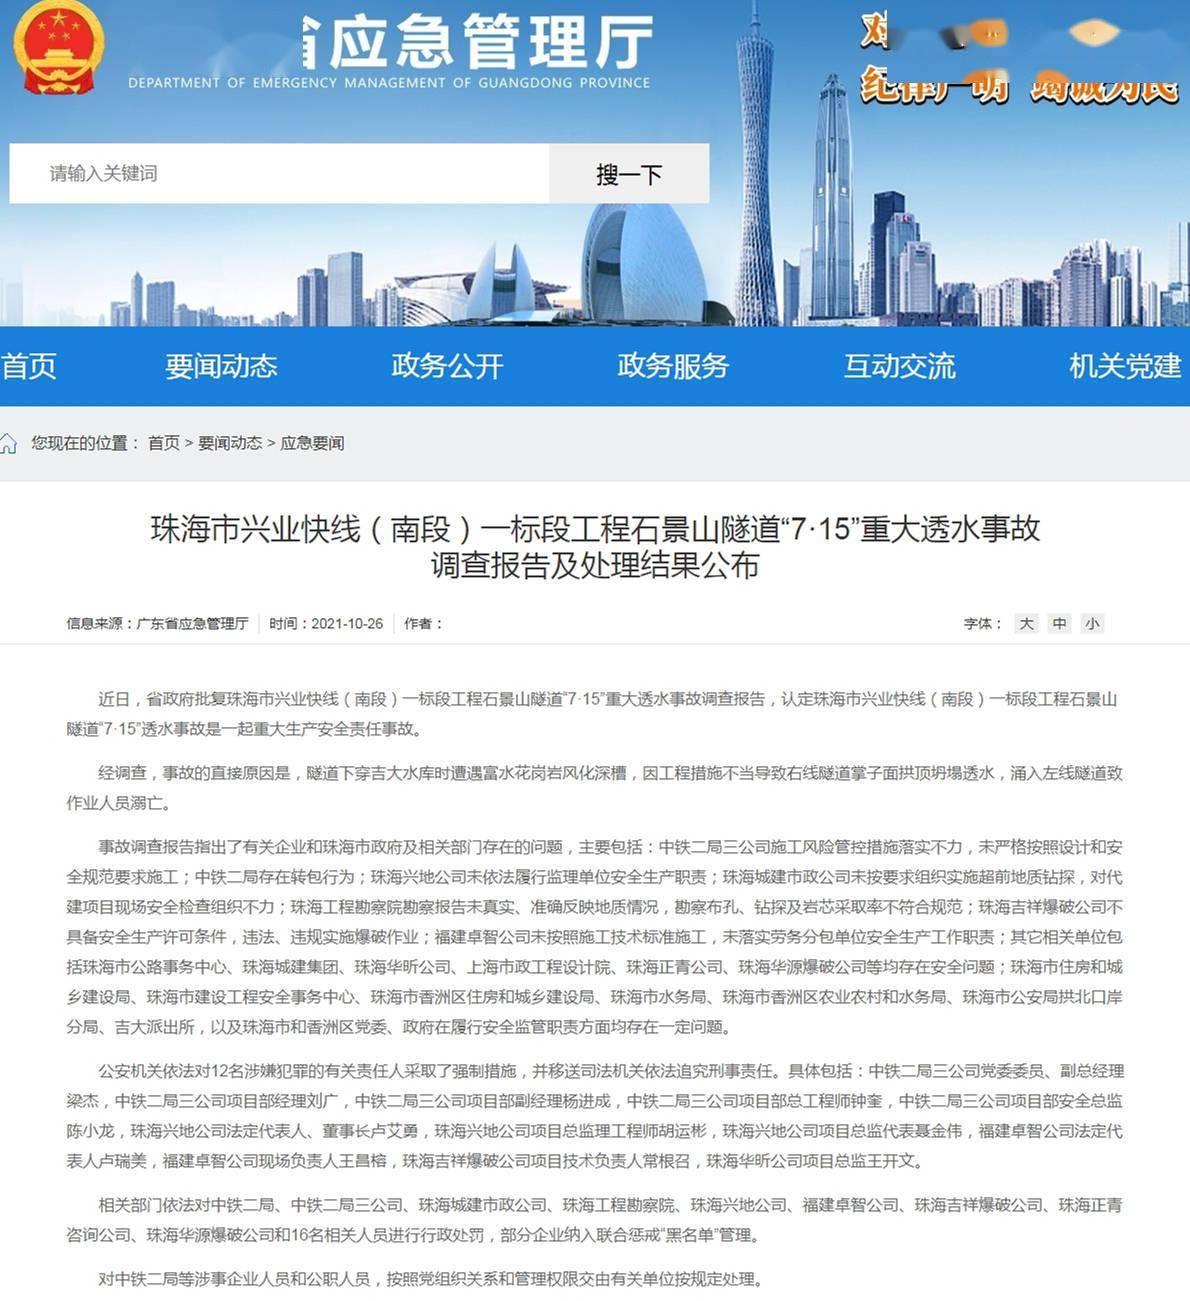 珠海石景山隧道透水事故调查报告和处理结果公布 副市长等27人被追责问责